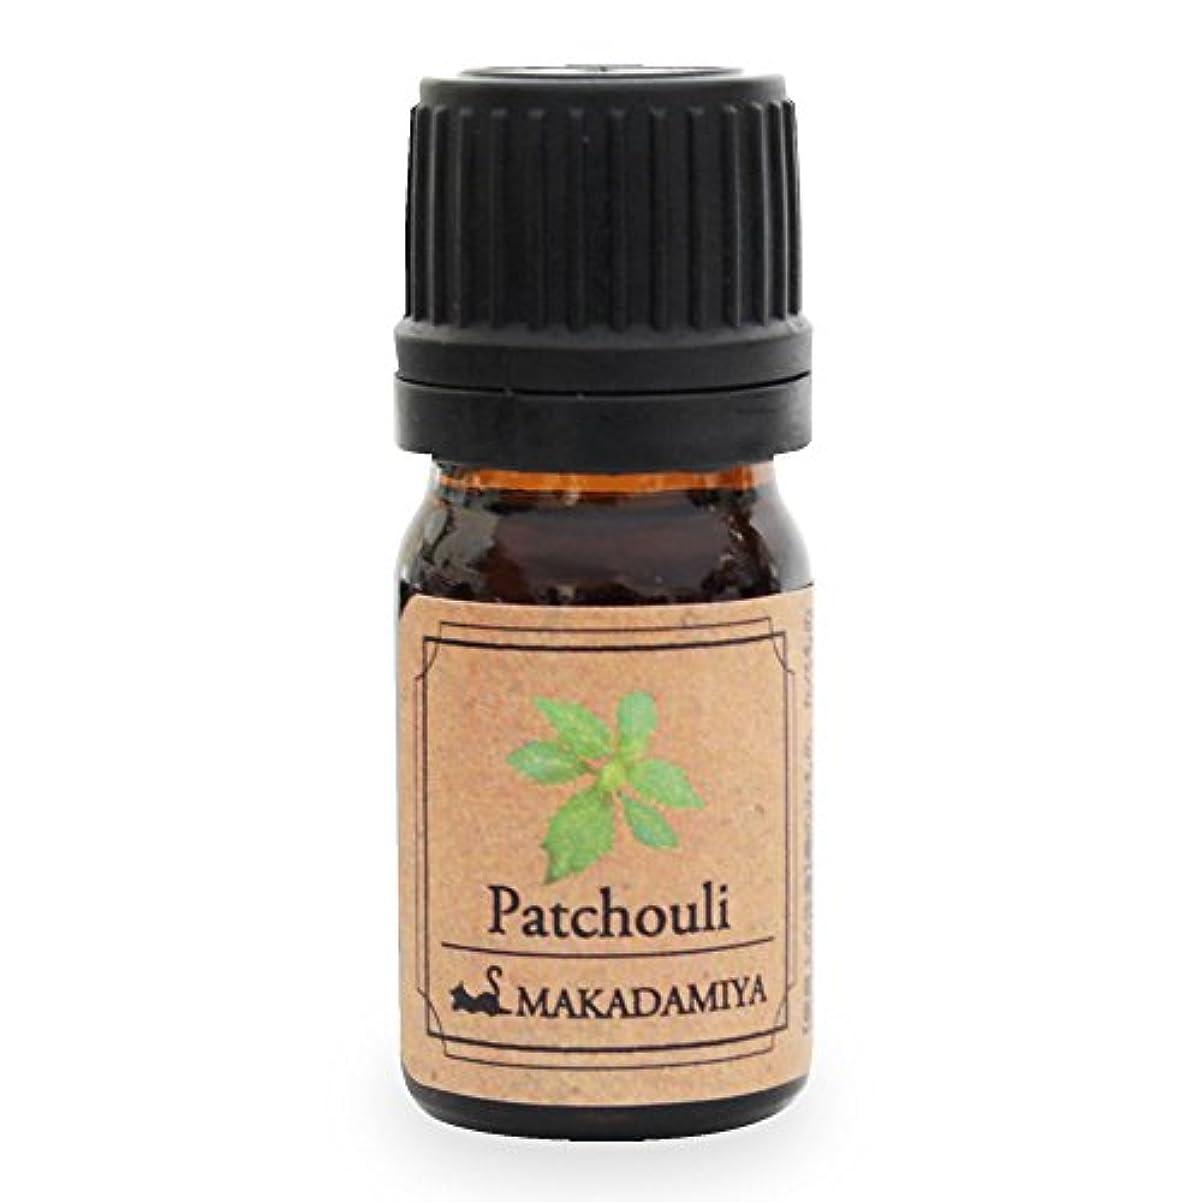 シェフセメント裕福なパチュリ5ml 天然100%植物性 エッセンシャルオイル(精油) アロマオイル アロママッサージ aroma Patchouli